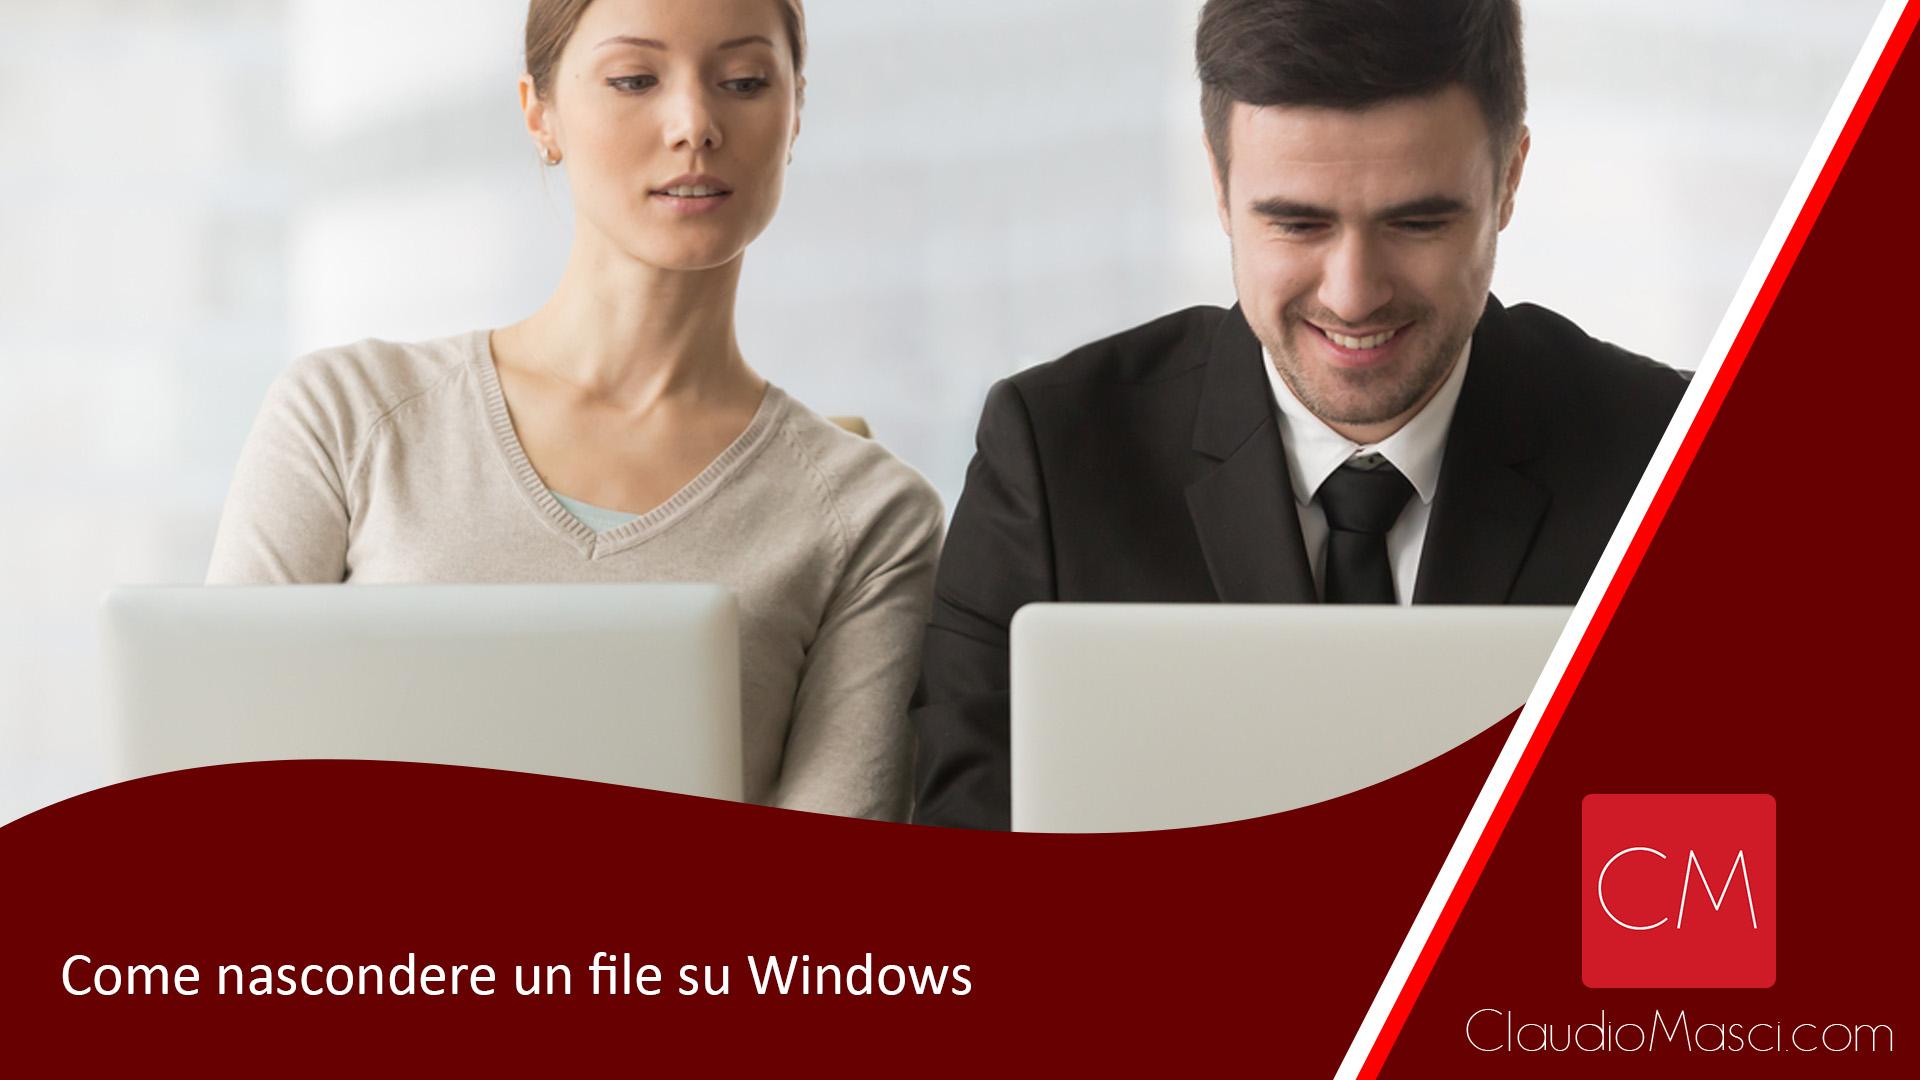 Come nascondere un file su Windows